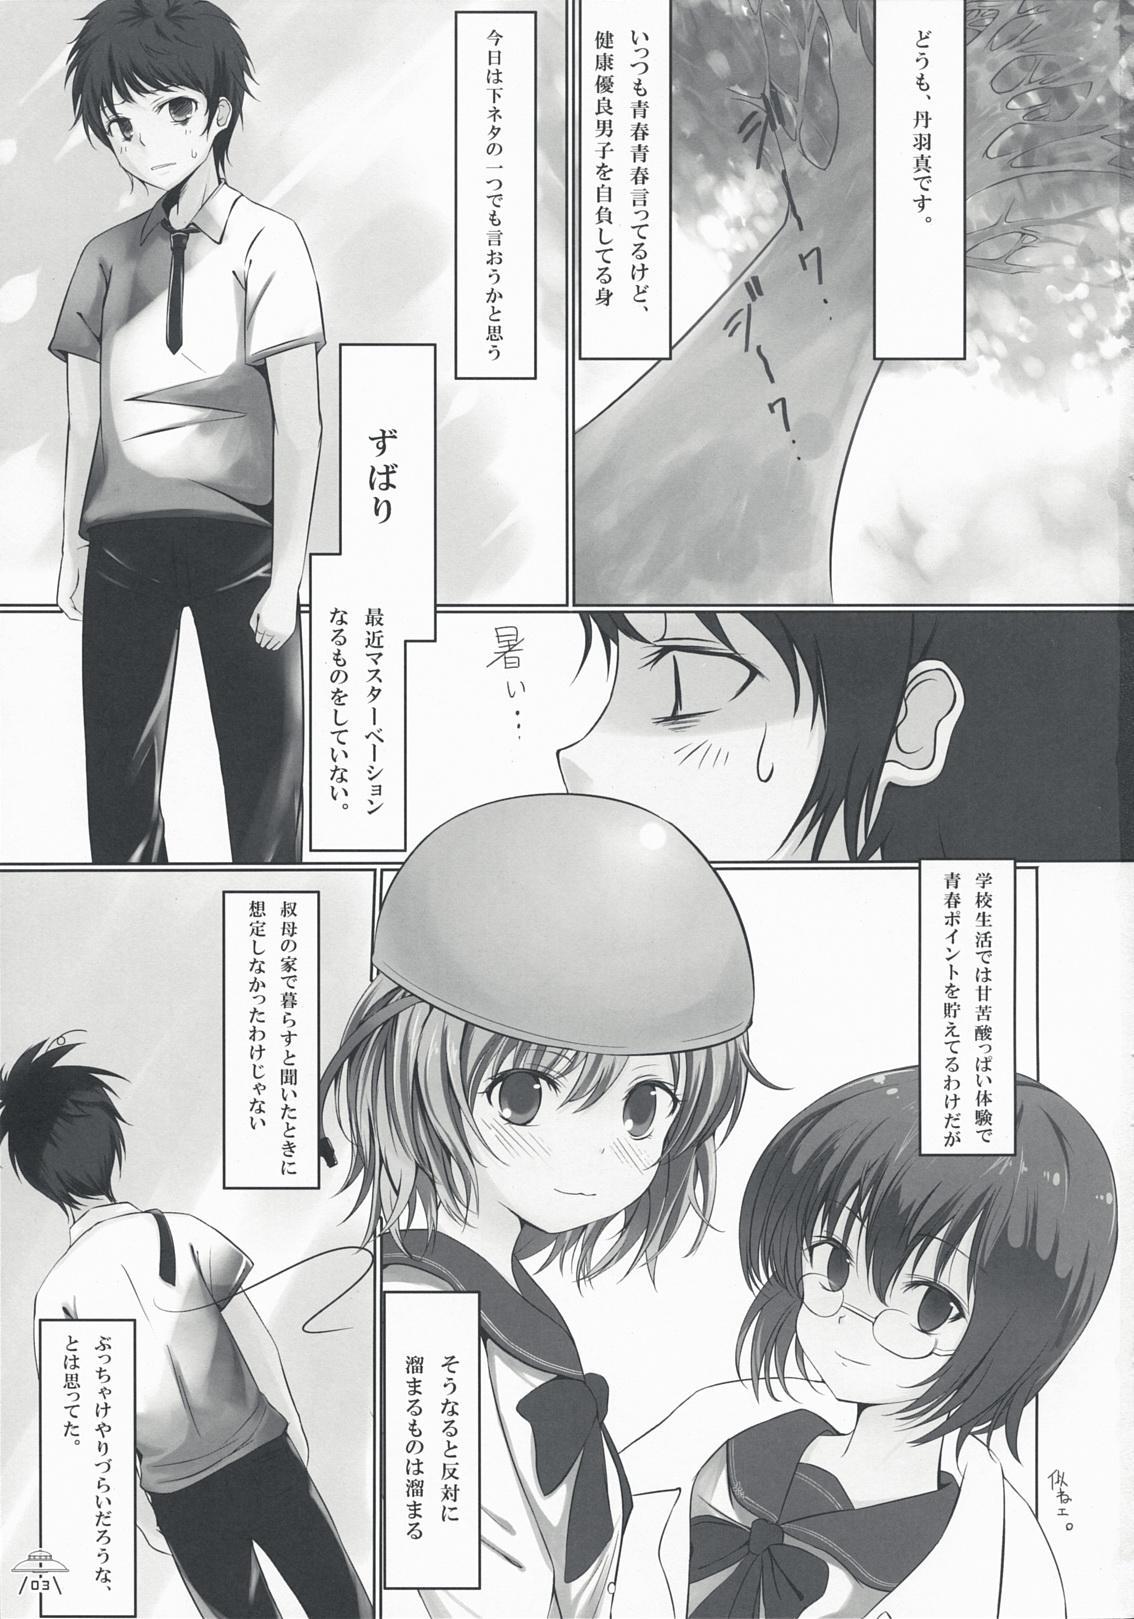 Ginga no Hate no kono Machi de. 2